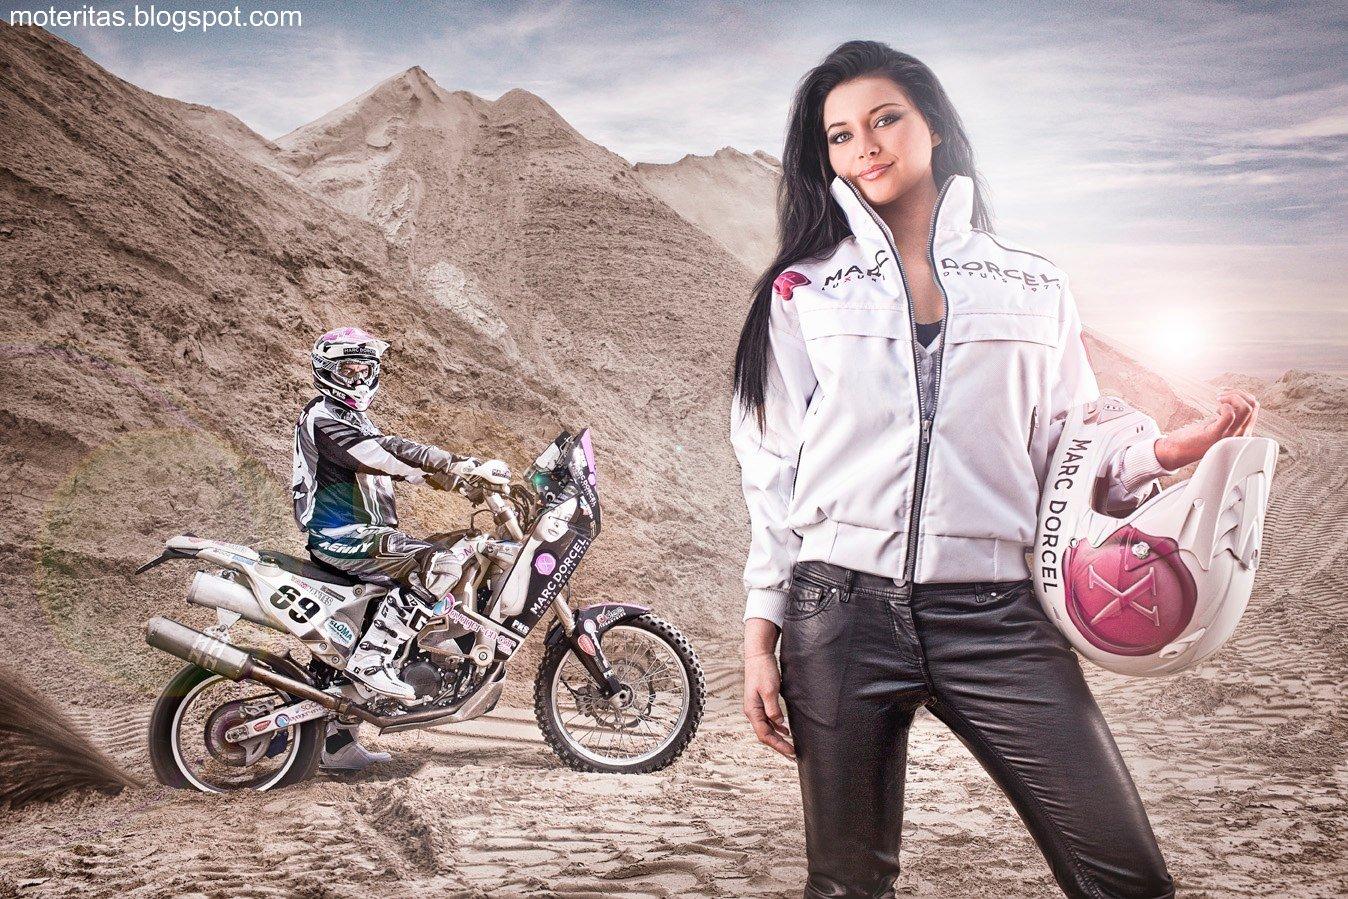 http://2.bp.blogspot.com/-phWgxcVQ4xE/T1o_GUjMxLI/AAAAAAAAAuk/XATouh2QbrE/s1600/rally-dakar-Yamaha-450-WRF-wallpapers-mujeres-motos-motocross-232%2B%255Bmoteritas.blogspot.com%255D.jpg